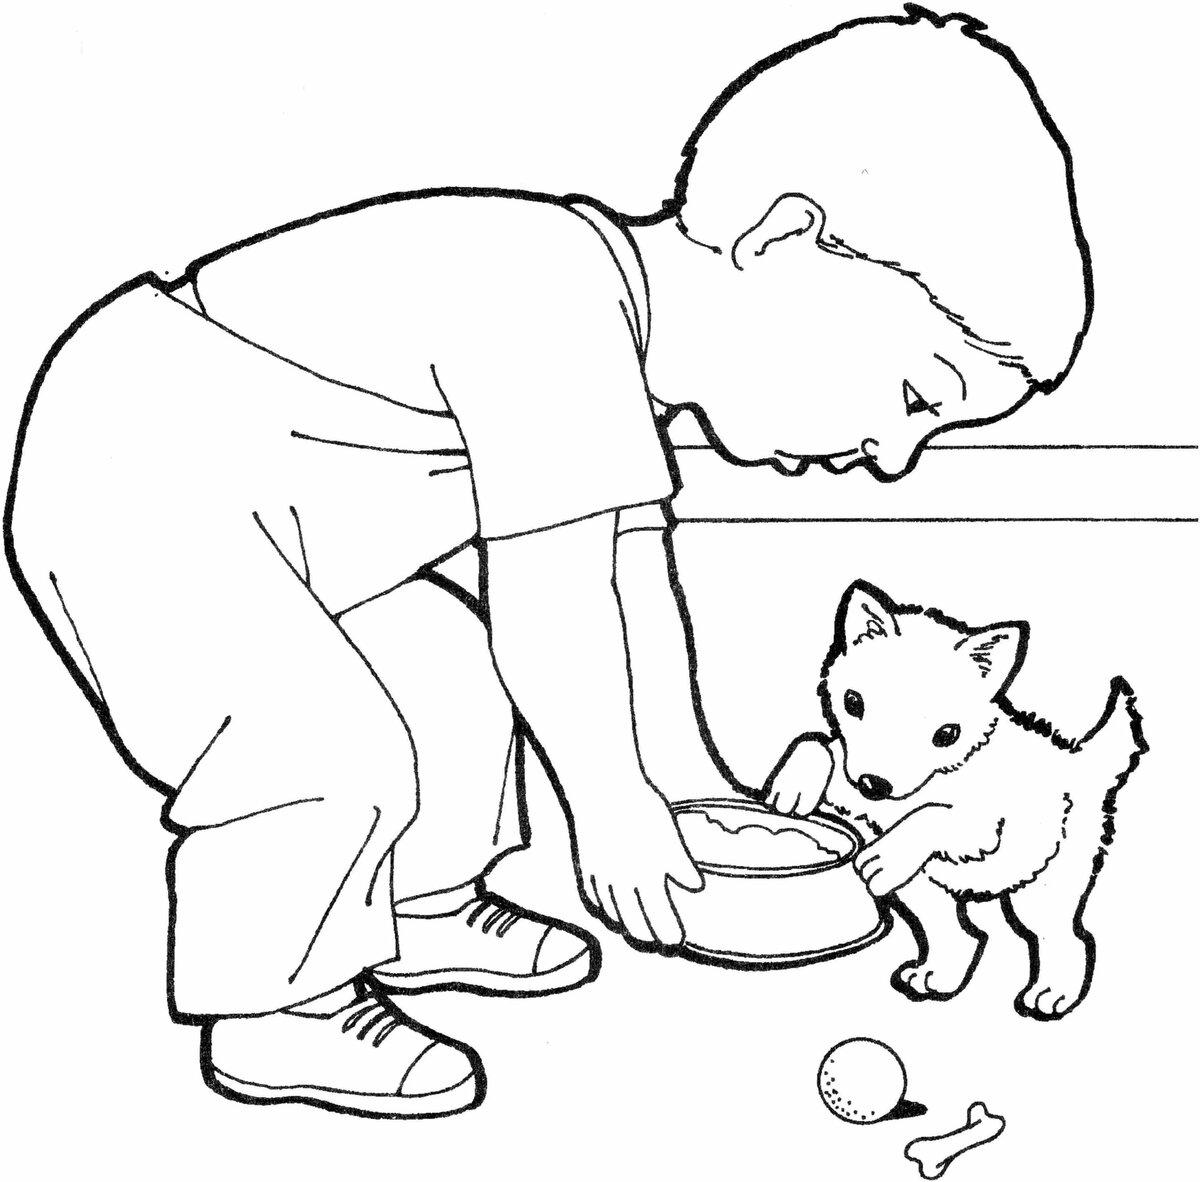 Картинка человек и собака раскраска